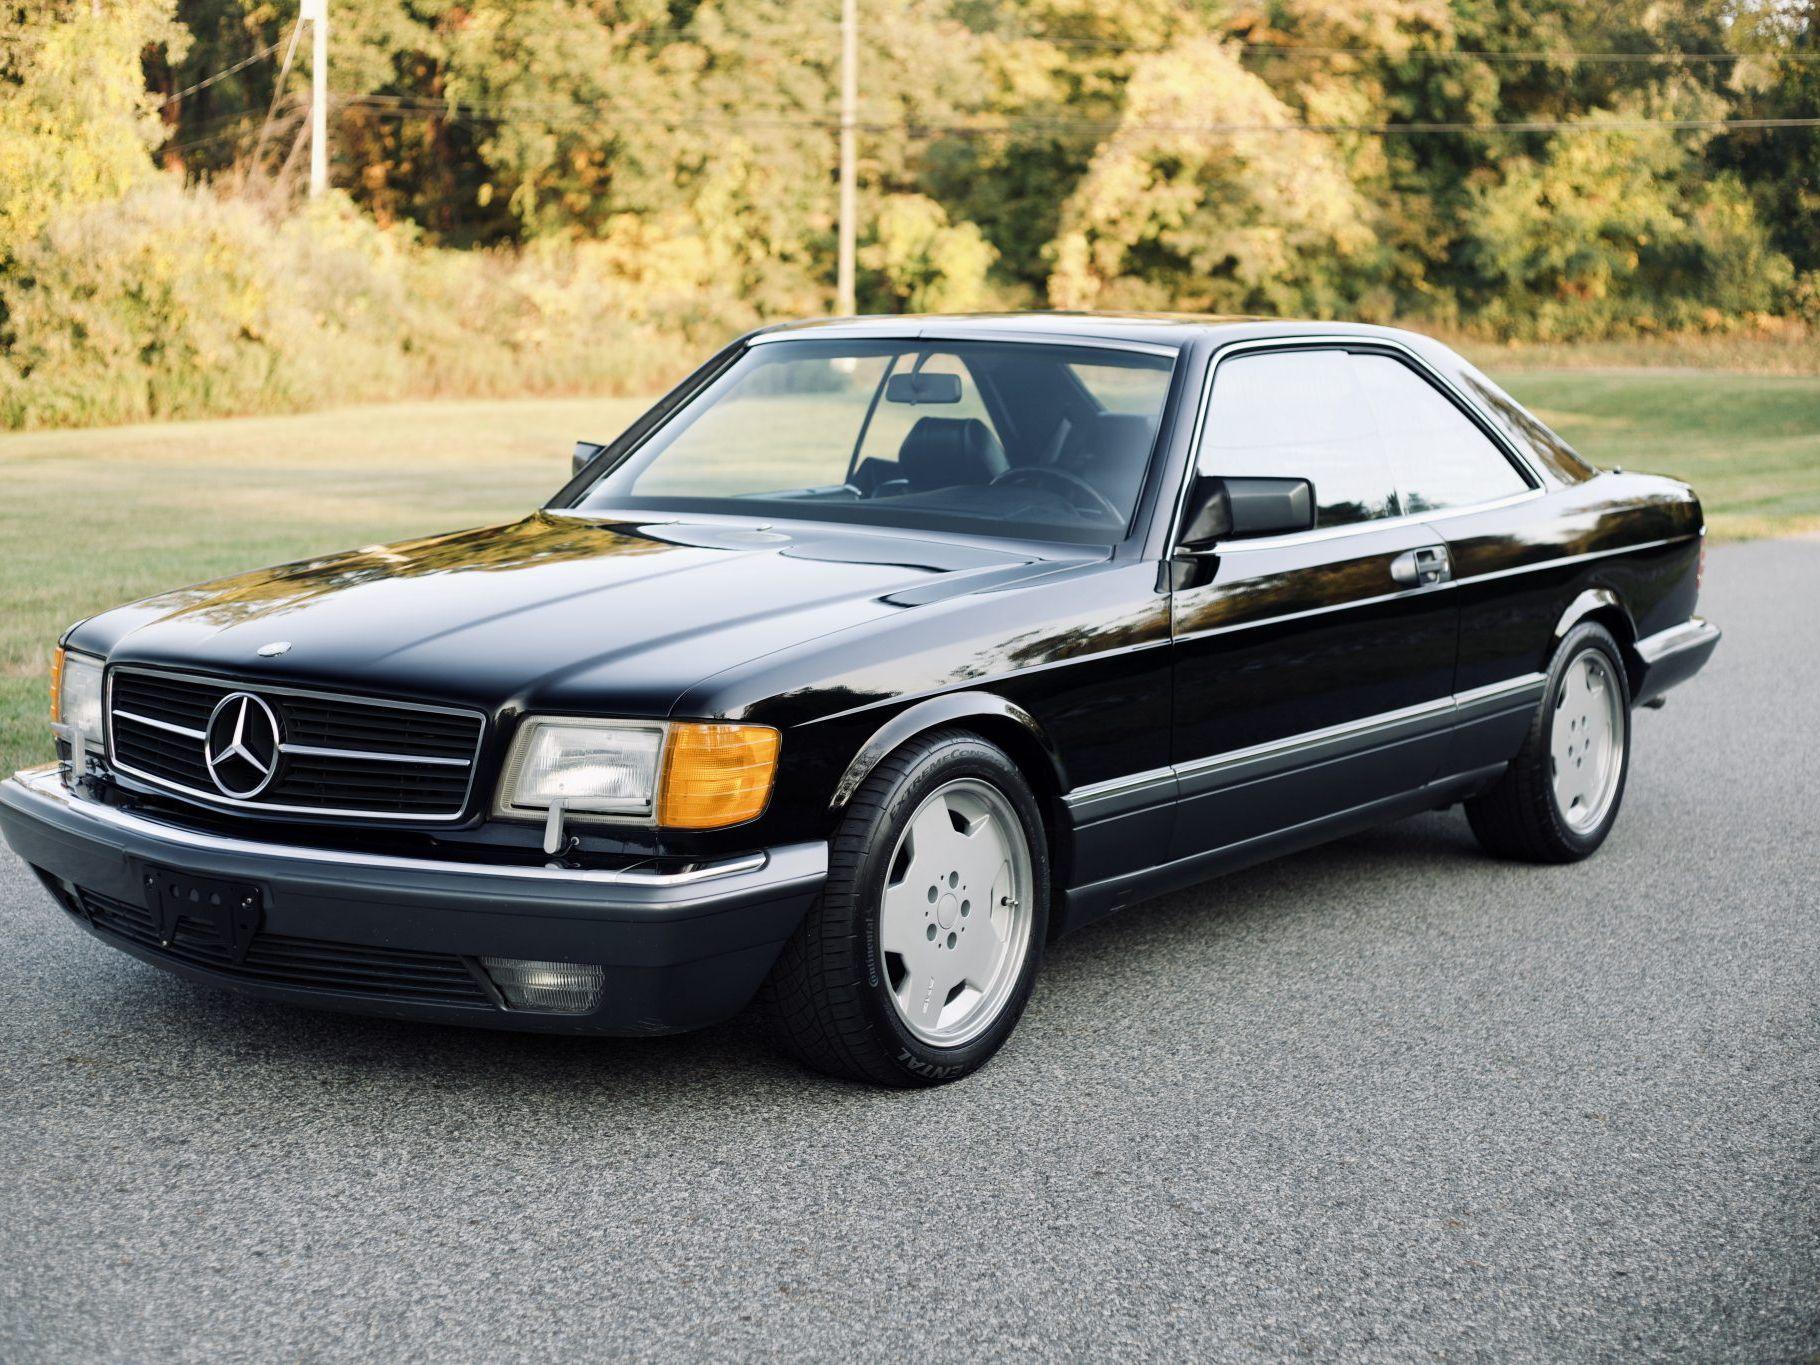 Mercedes Benz 560sec C126 Market Classic Com